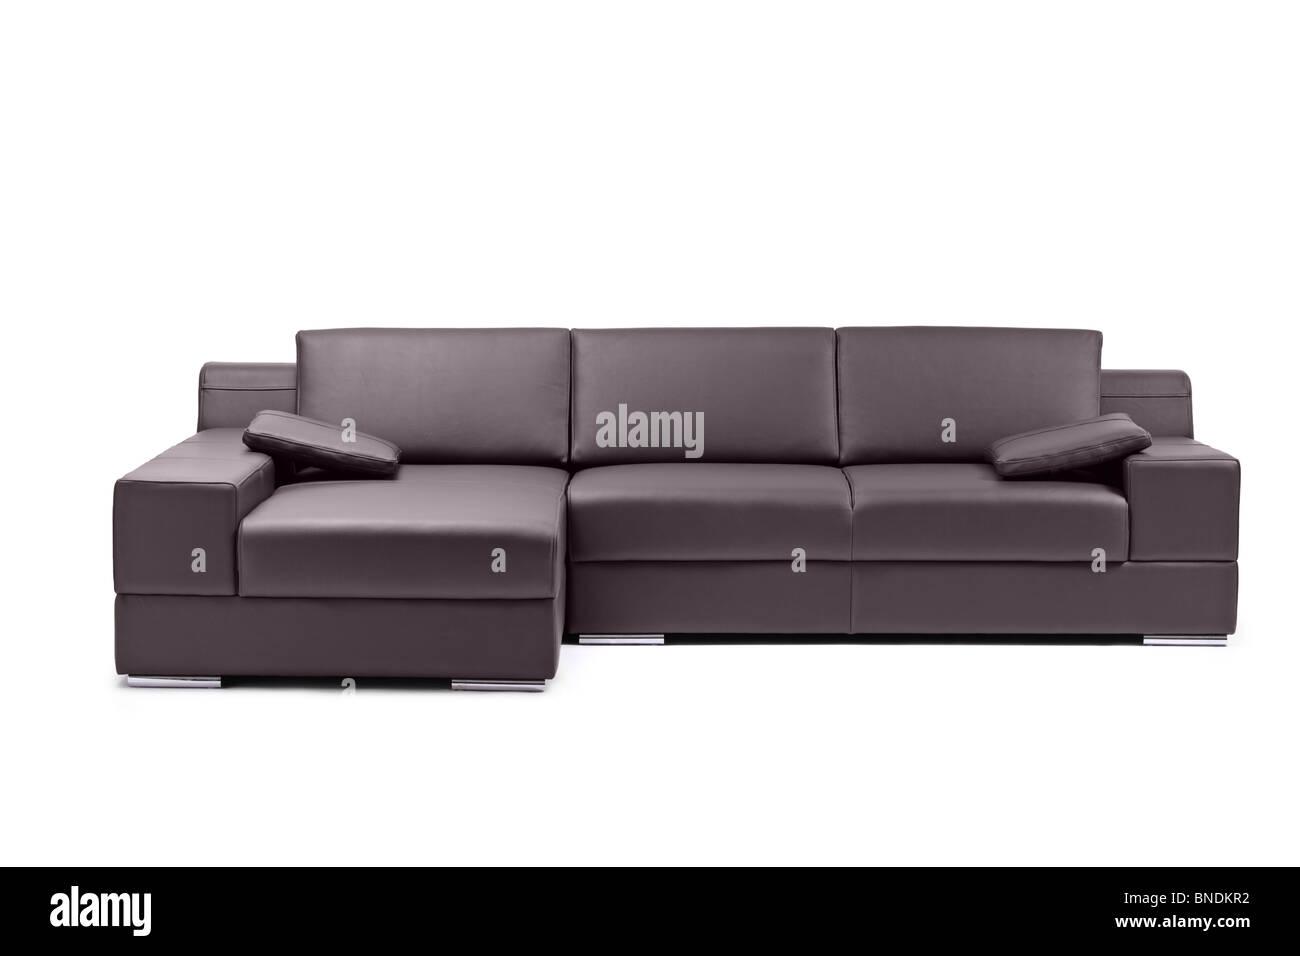 Un canapé en cuir noir moderne Photo Stock